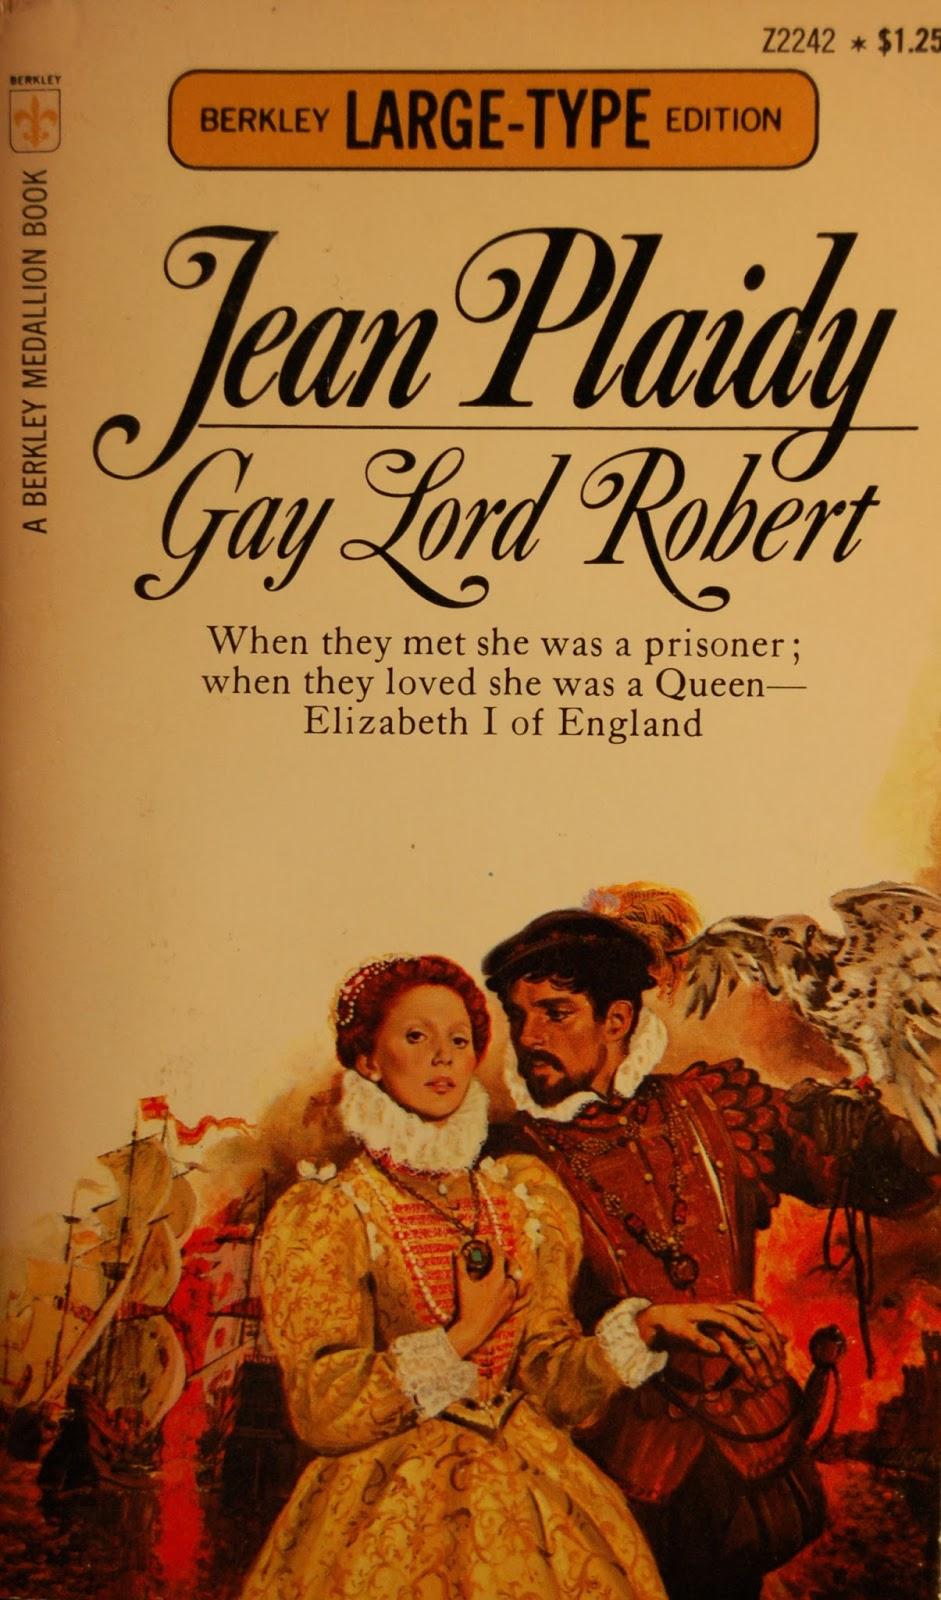 Gay lord robert